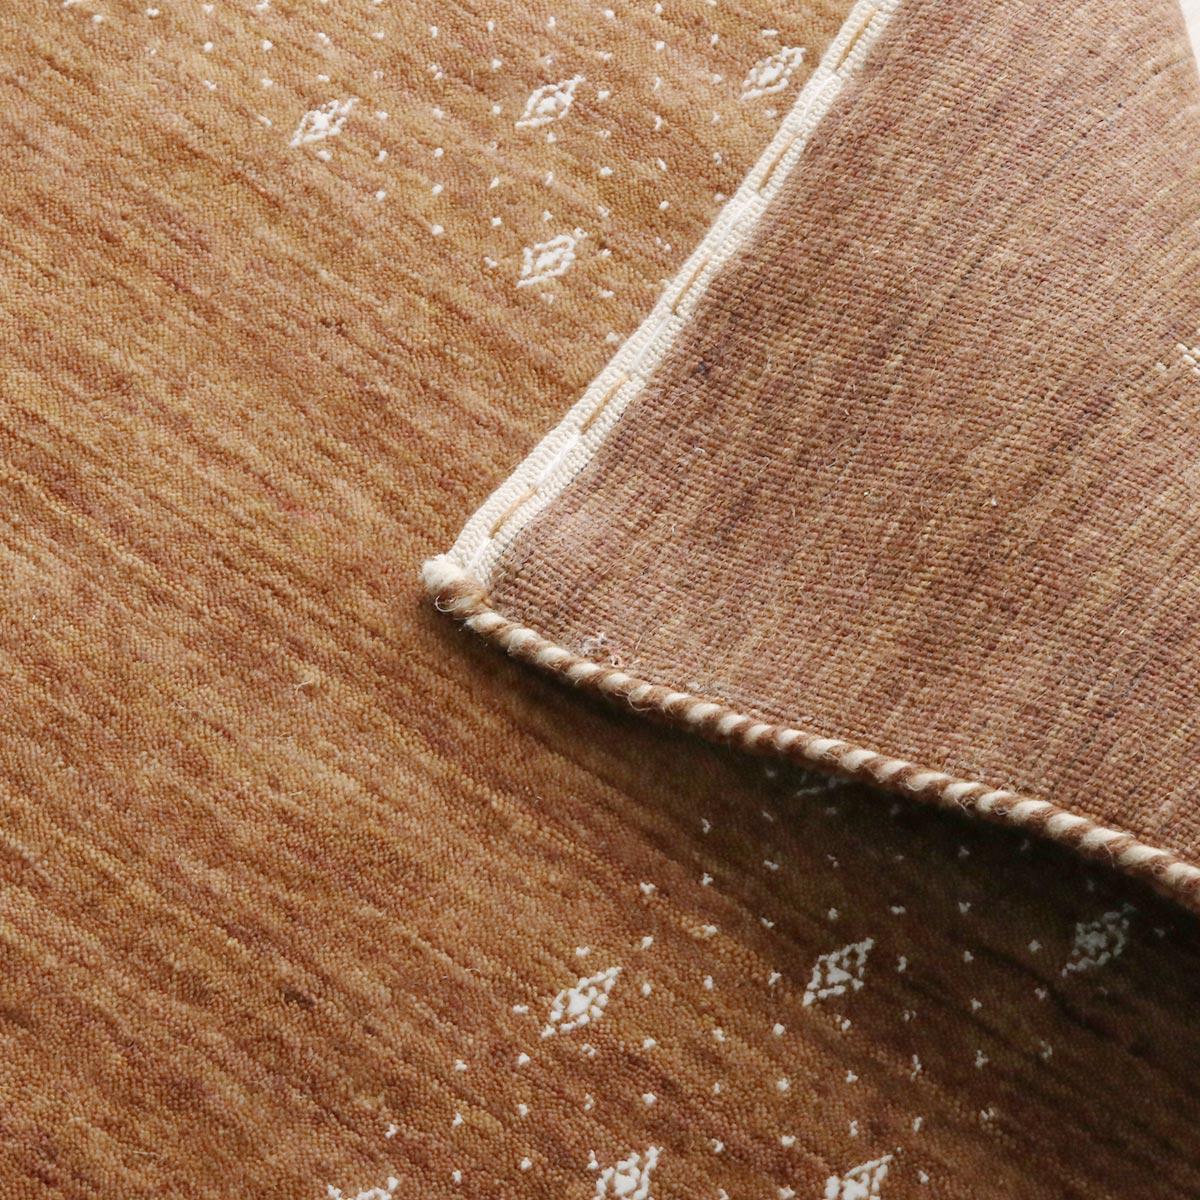 裏面を見ると織の細かさが確認できます。ホットカーペット&床暖房対応です。